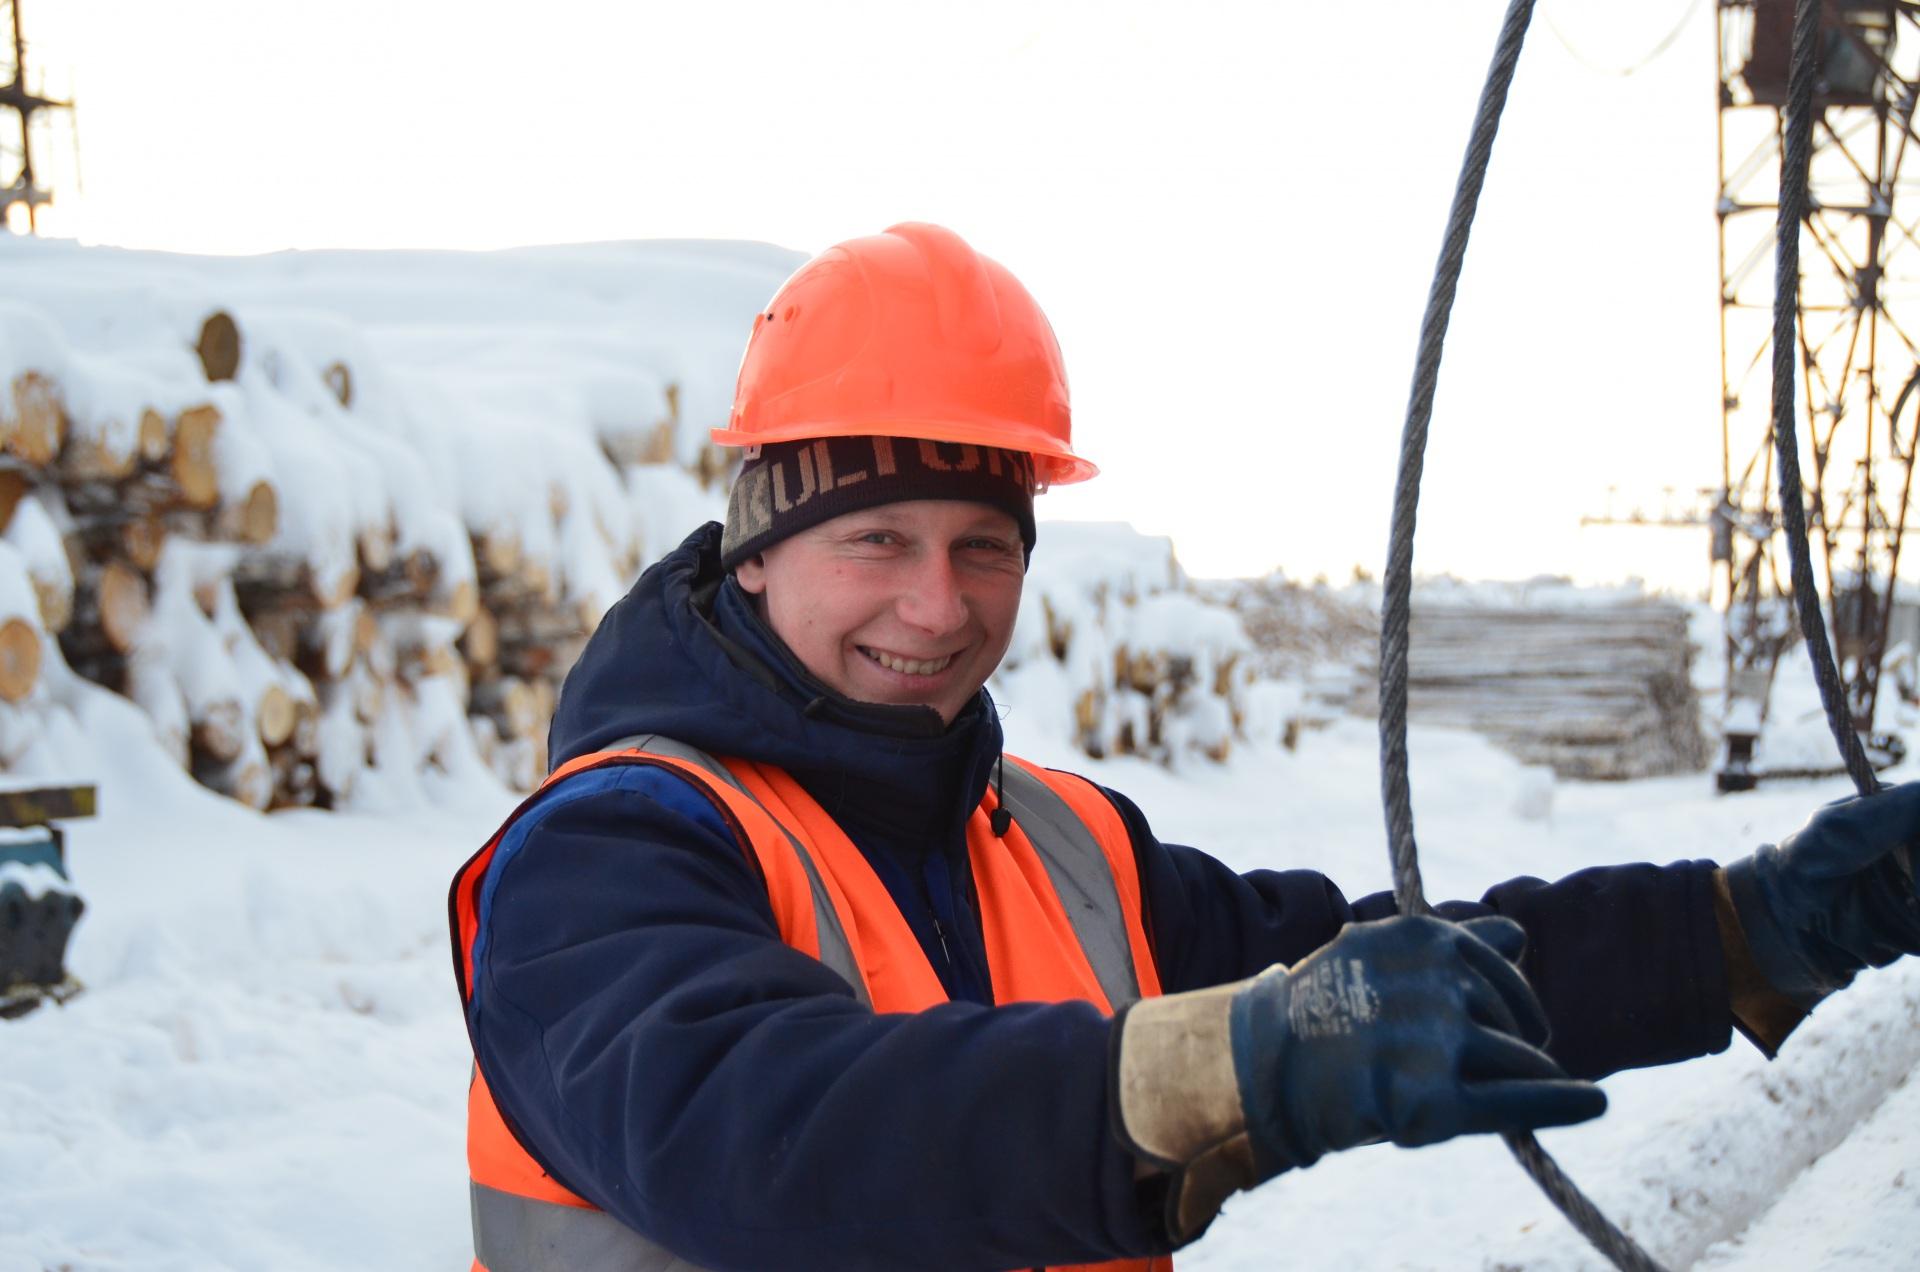 Стропальщик фанерного завода Иван Гуров рассказал о специфике своей профессии